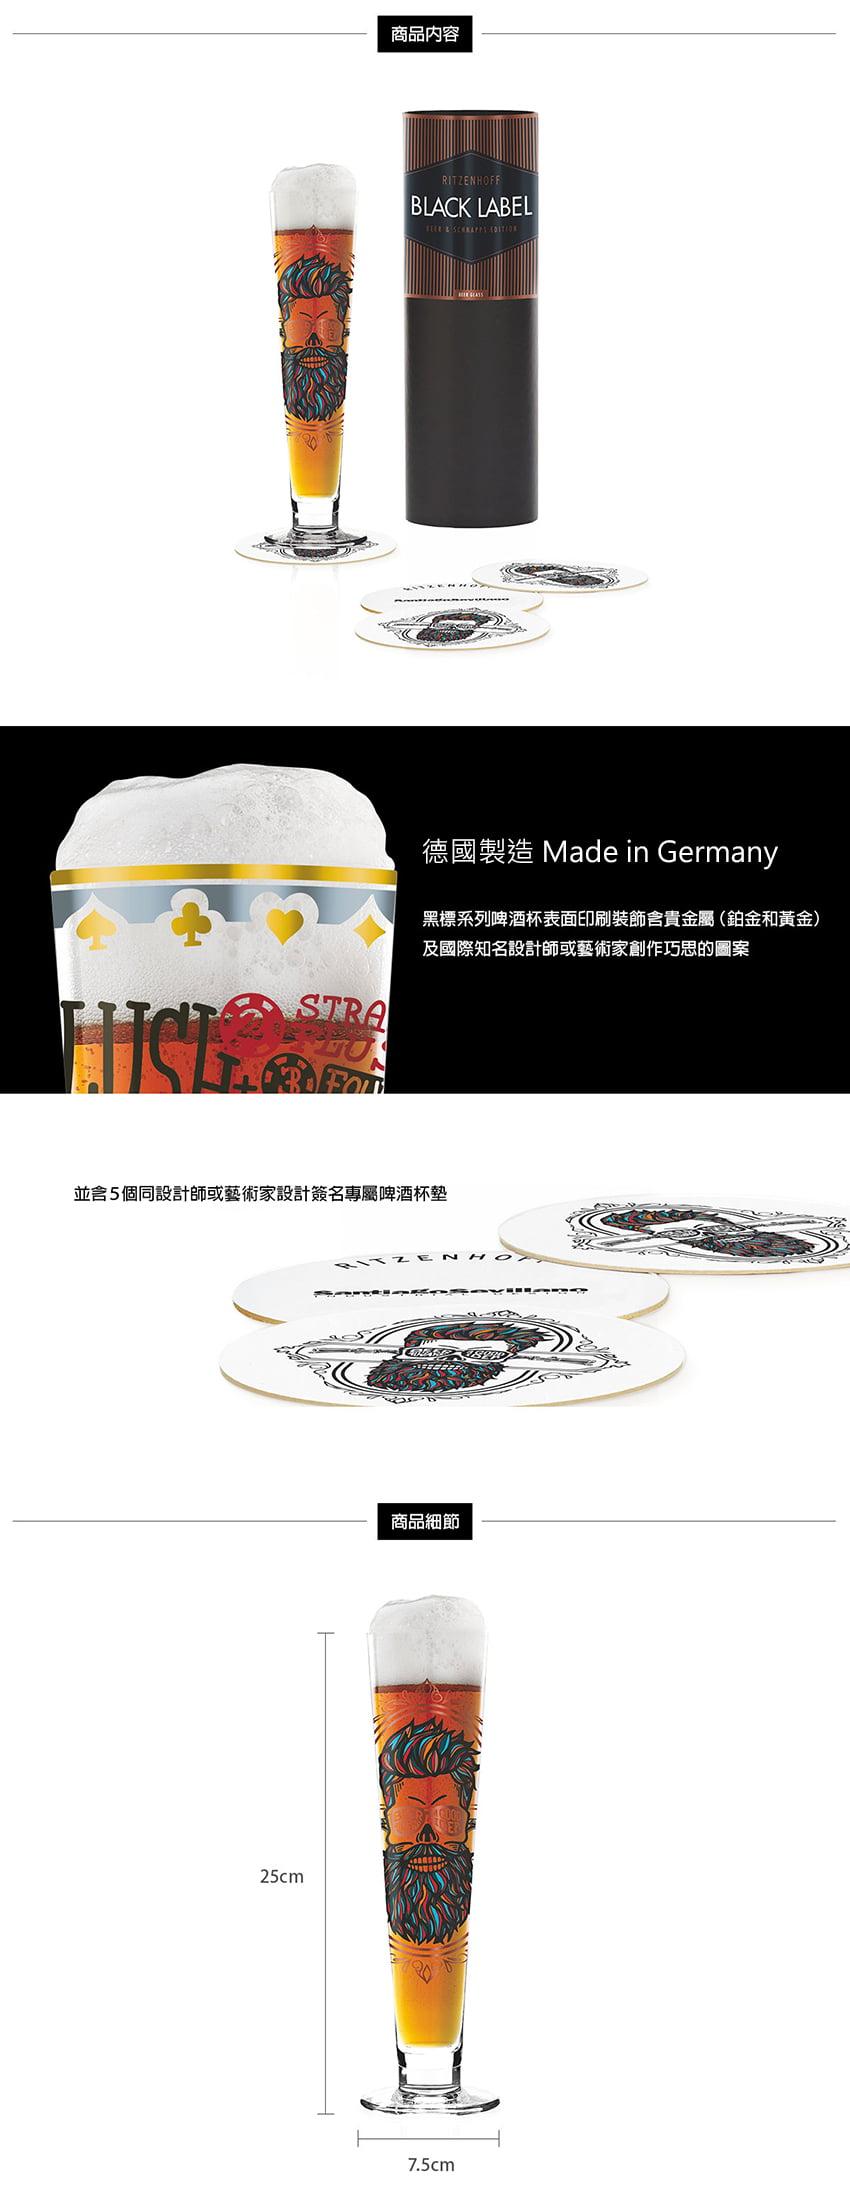 德國 RITZENHOFF BLACK LABEL 黑標經典啤酒杯-藍鬍子